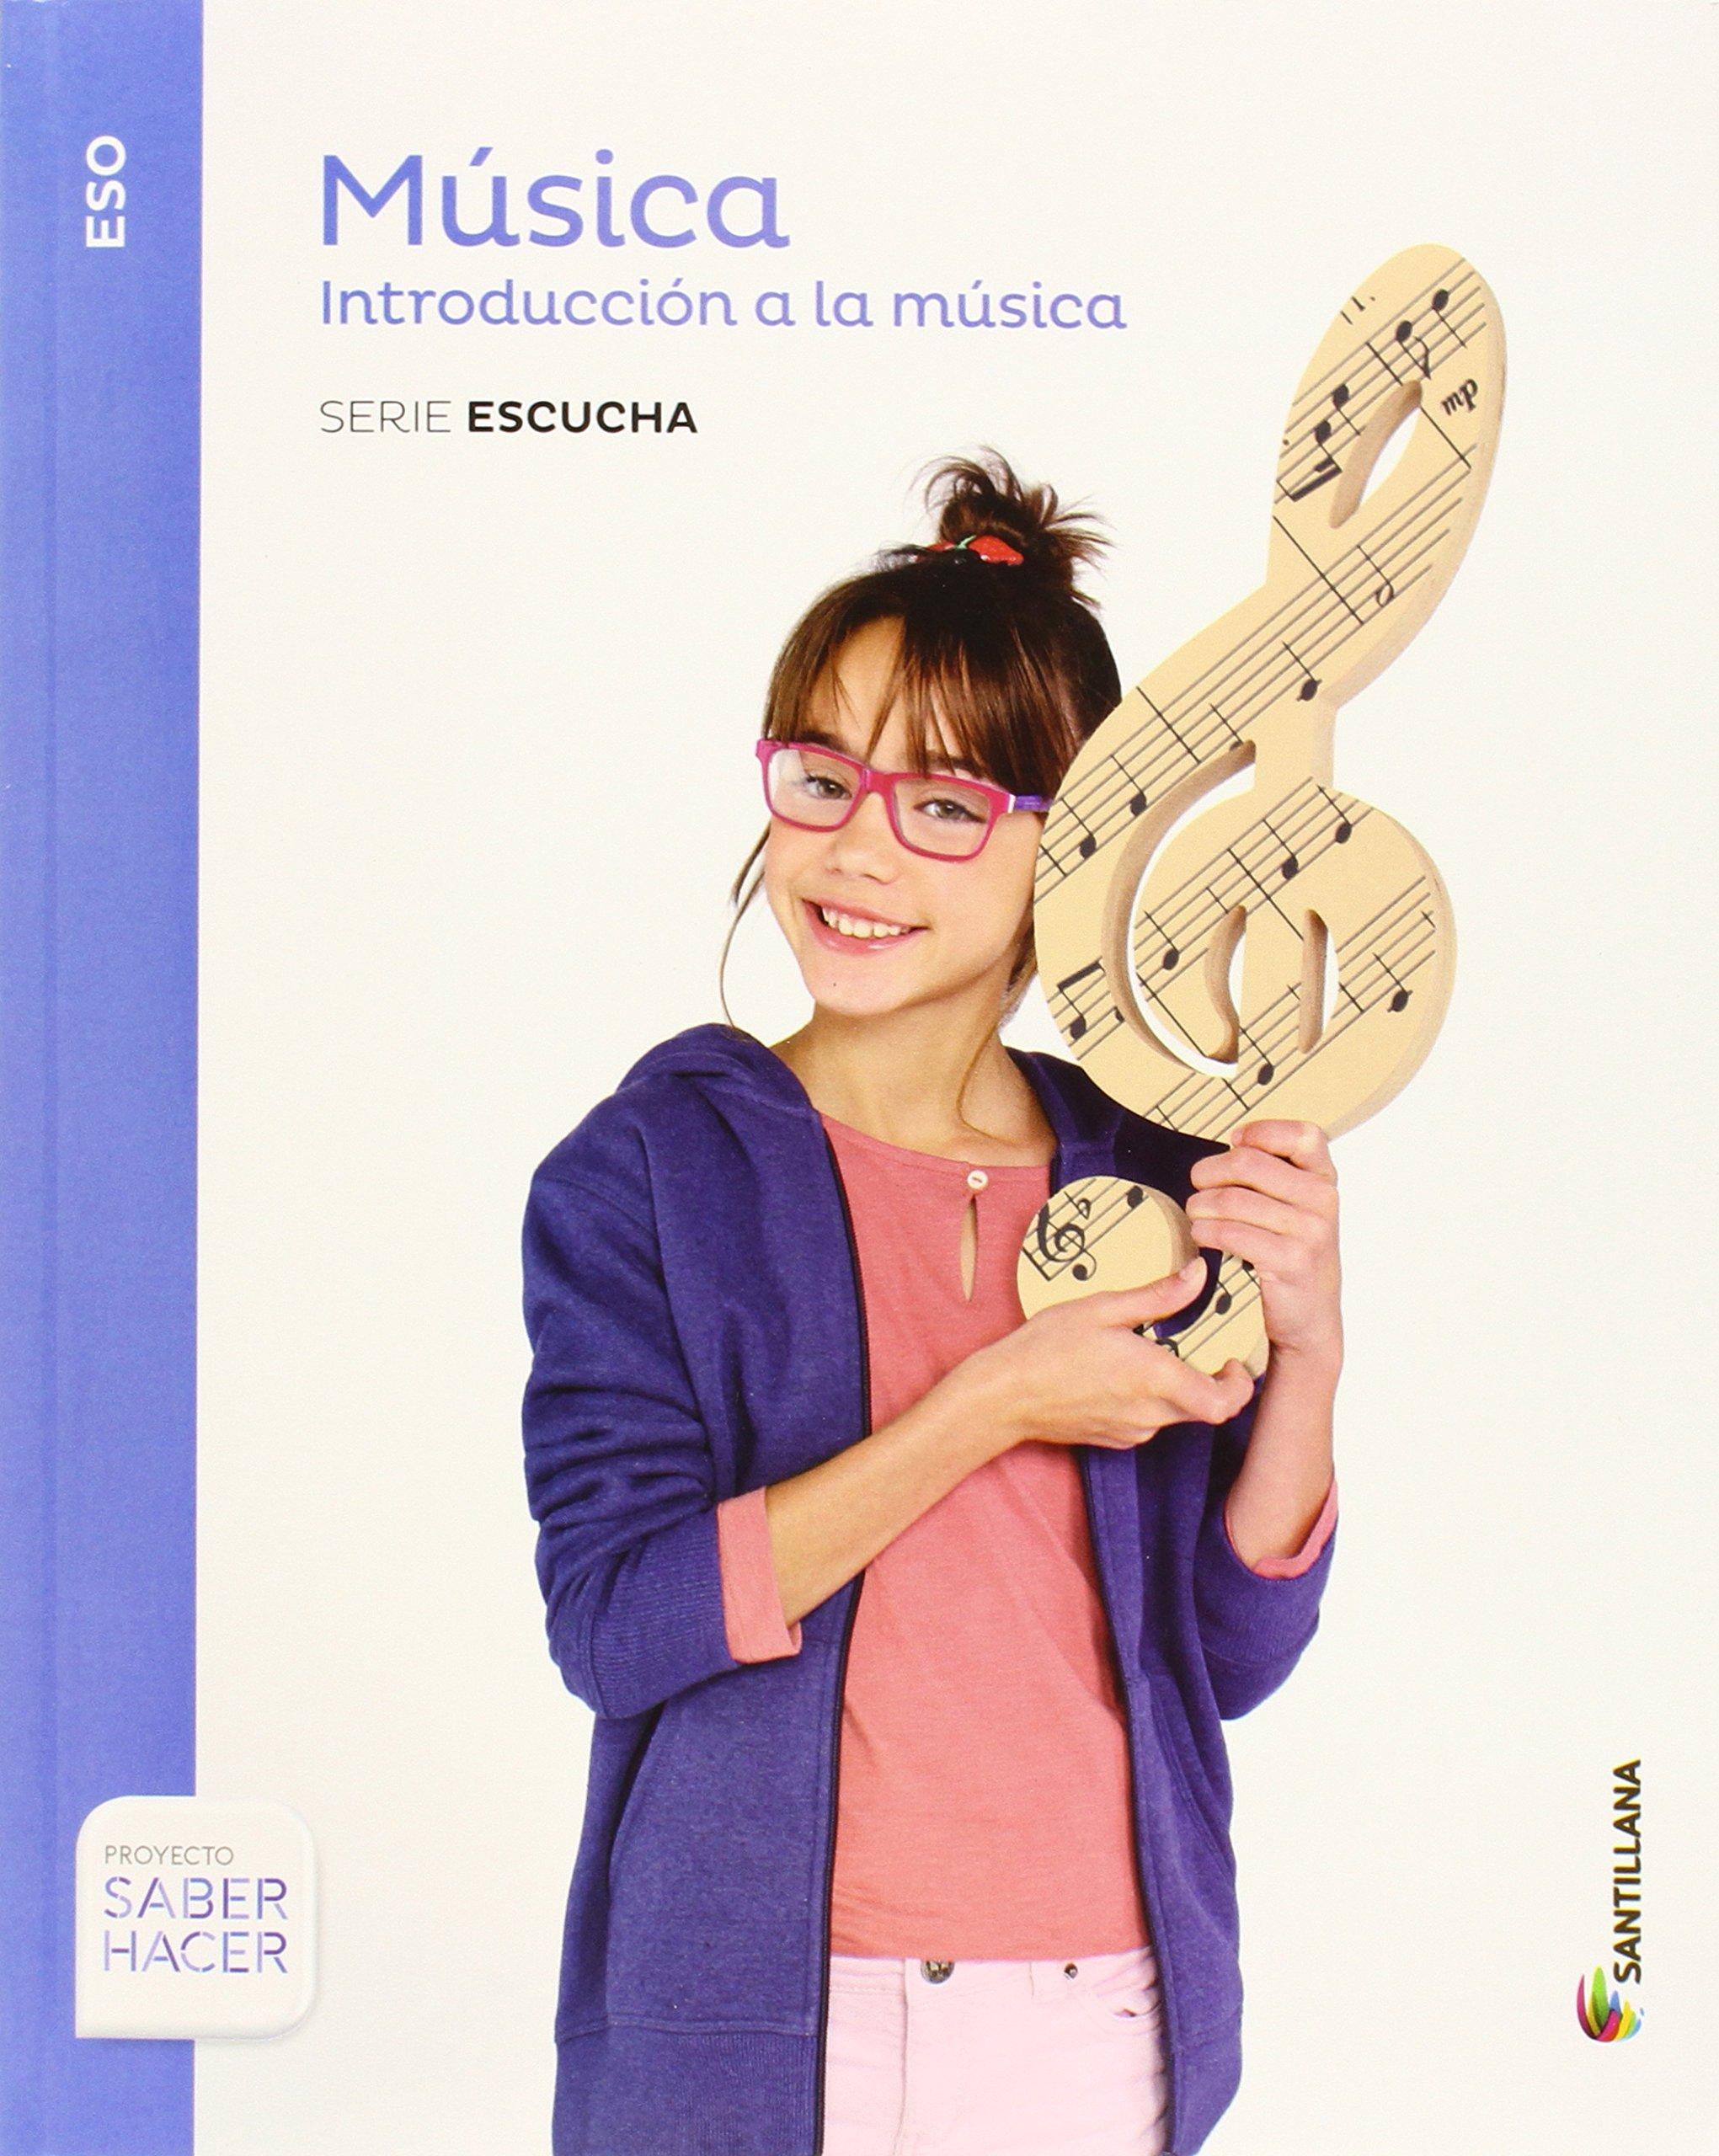 MUSICA SERIE ESCUCHA 1 ESO SABER HACER INTRODUCCION A LA MUSICA - 9788468010847: Amazon.es: Aa.Vv.: Libros